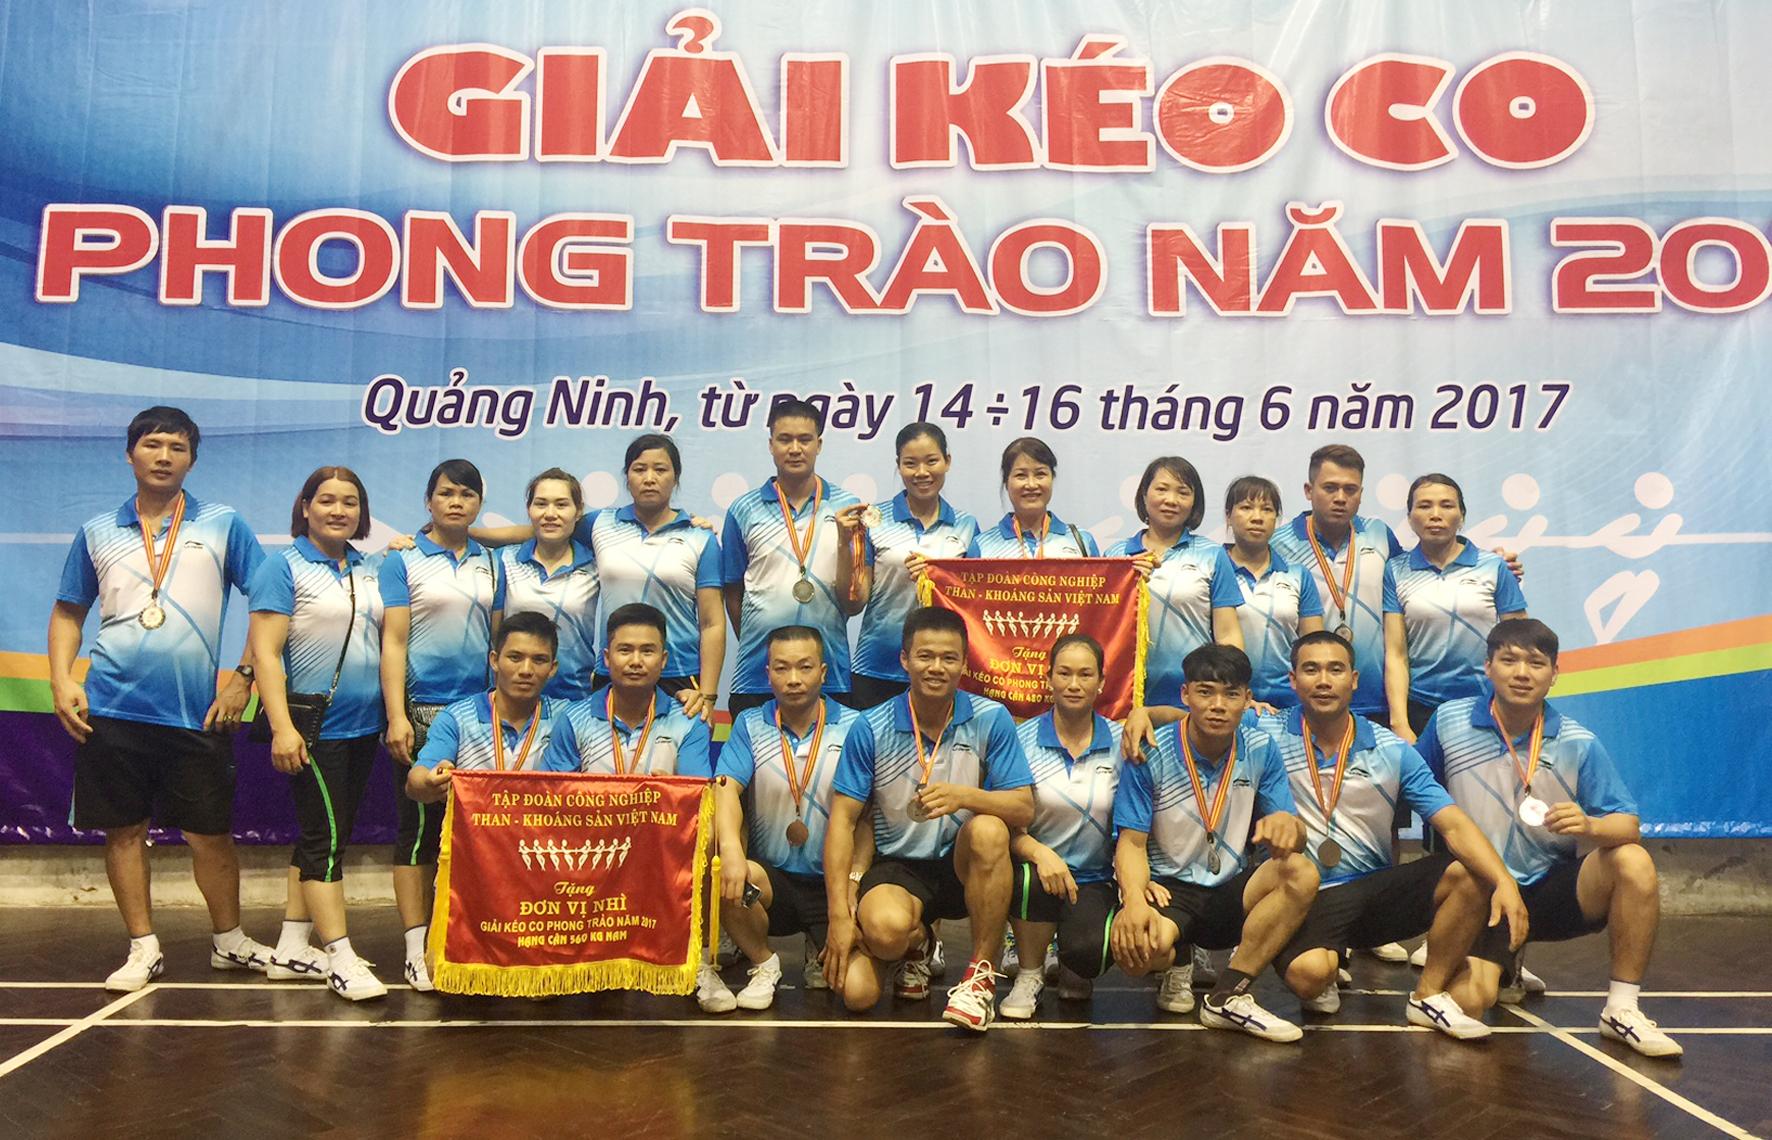 Đội tuyển Than Nam Mẫu đạt giải cao tại giải kéo co phong trào TKV (1)